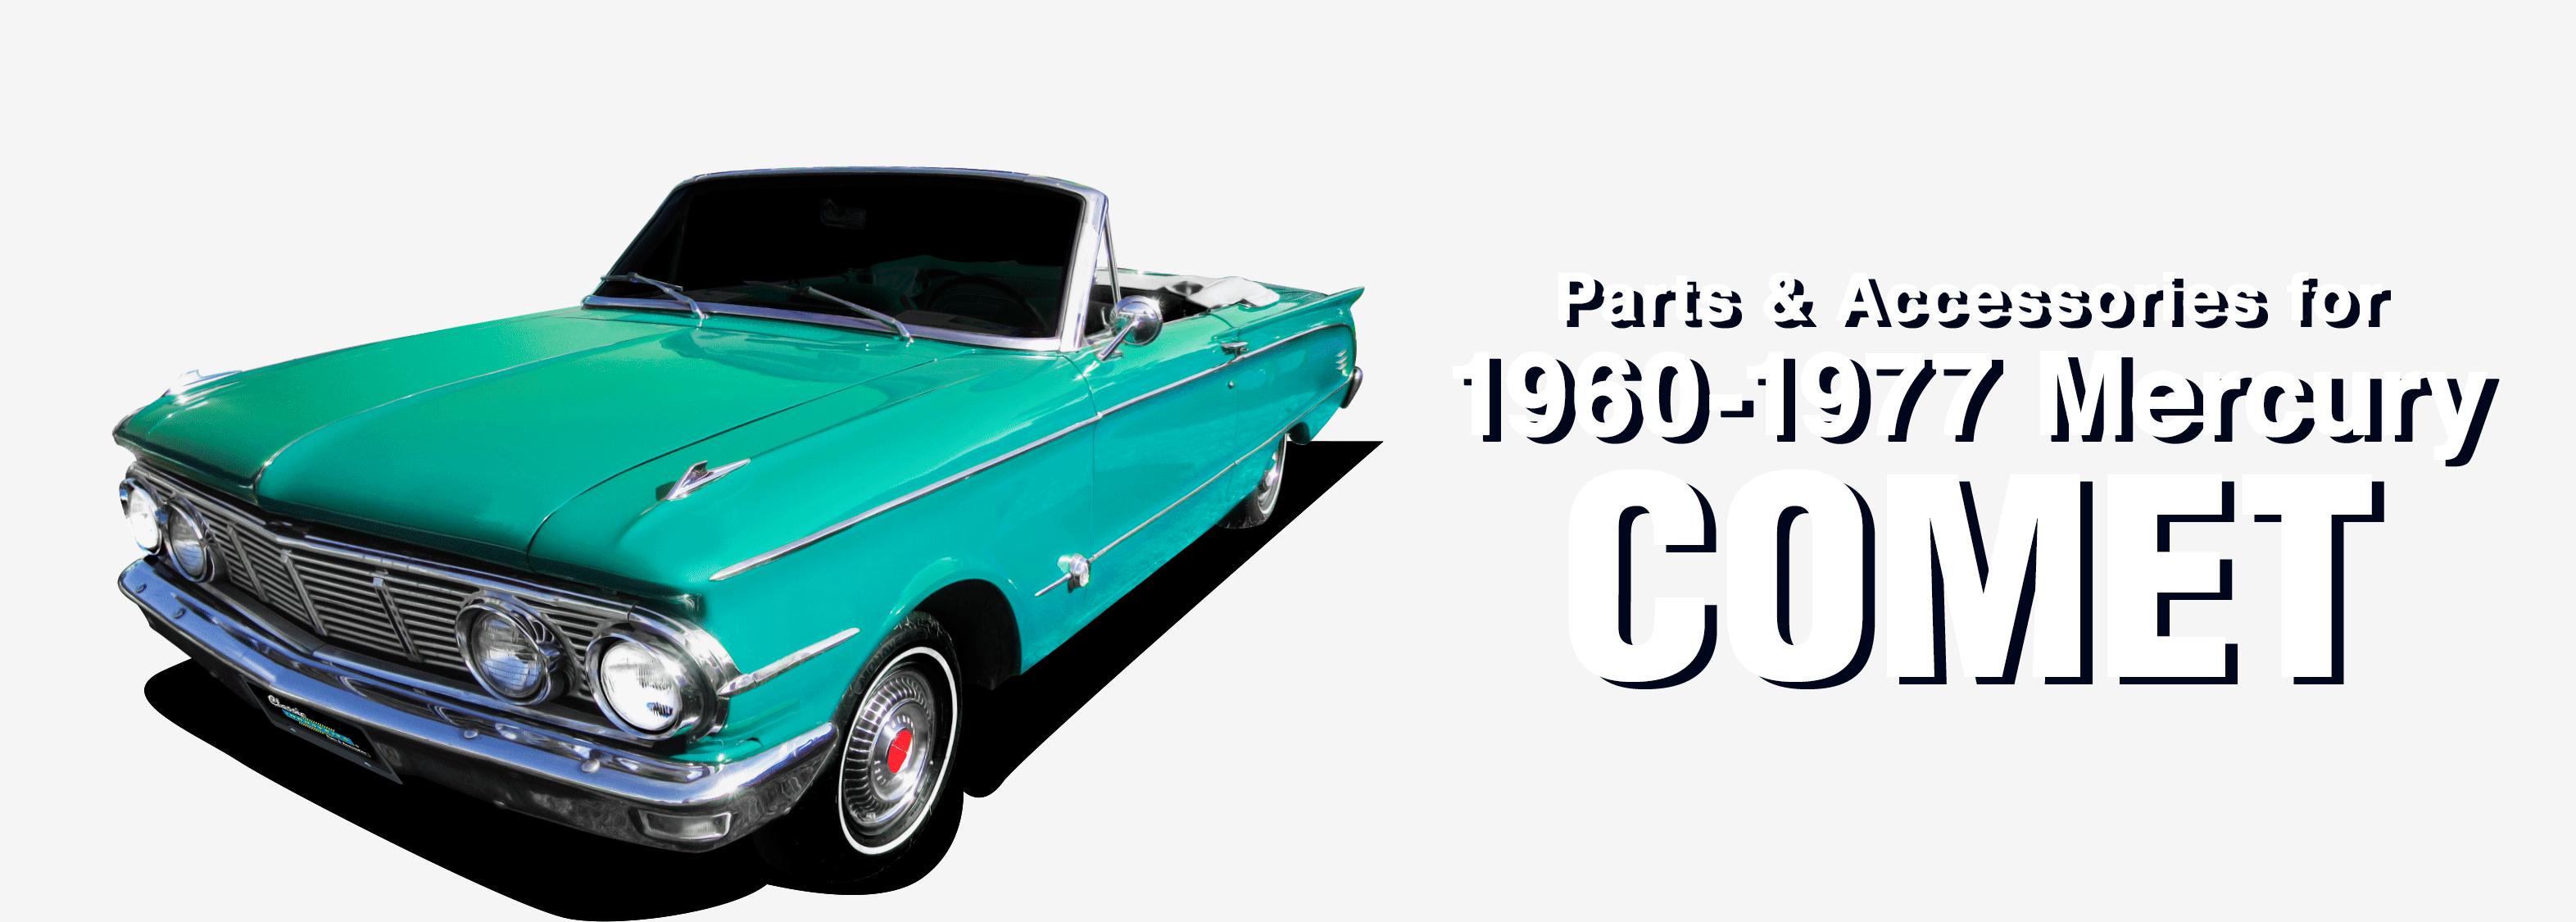 Mercury-Comet-vehicle-desktop_v2